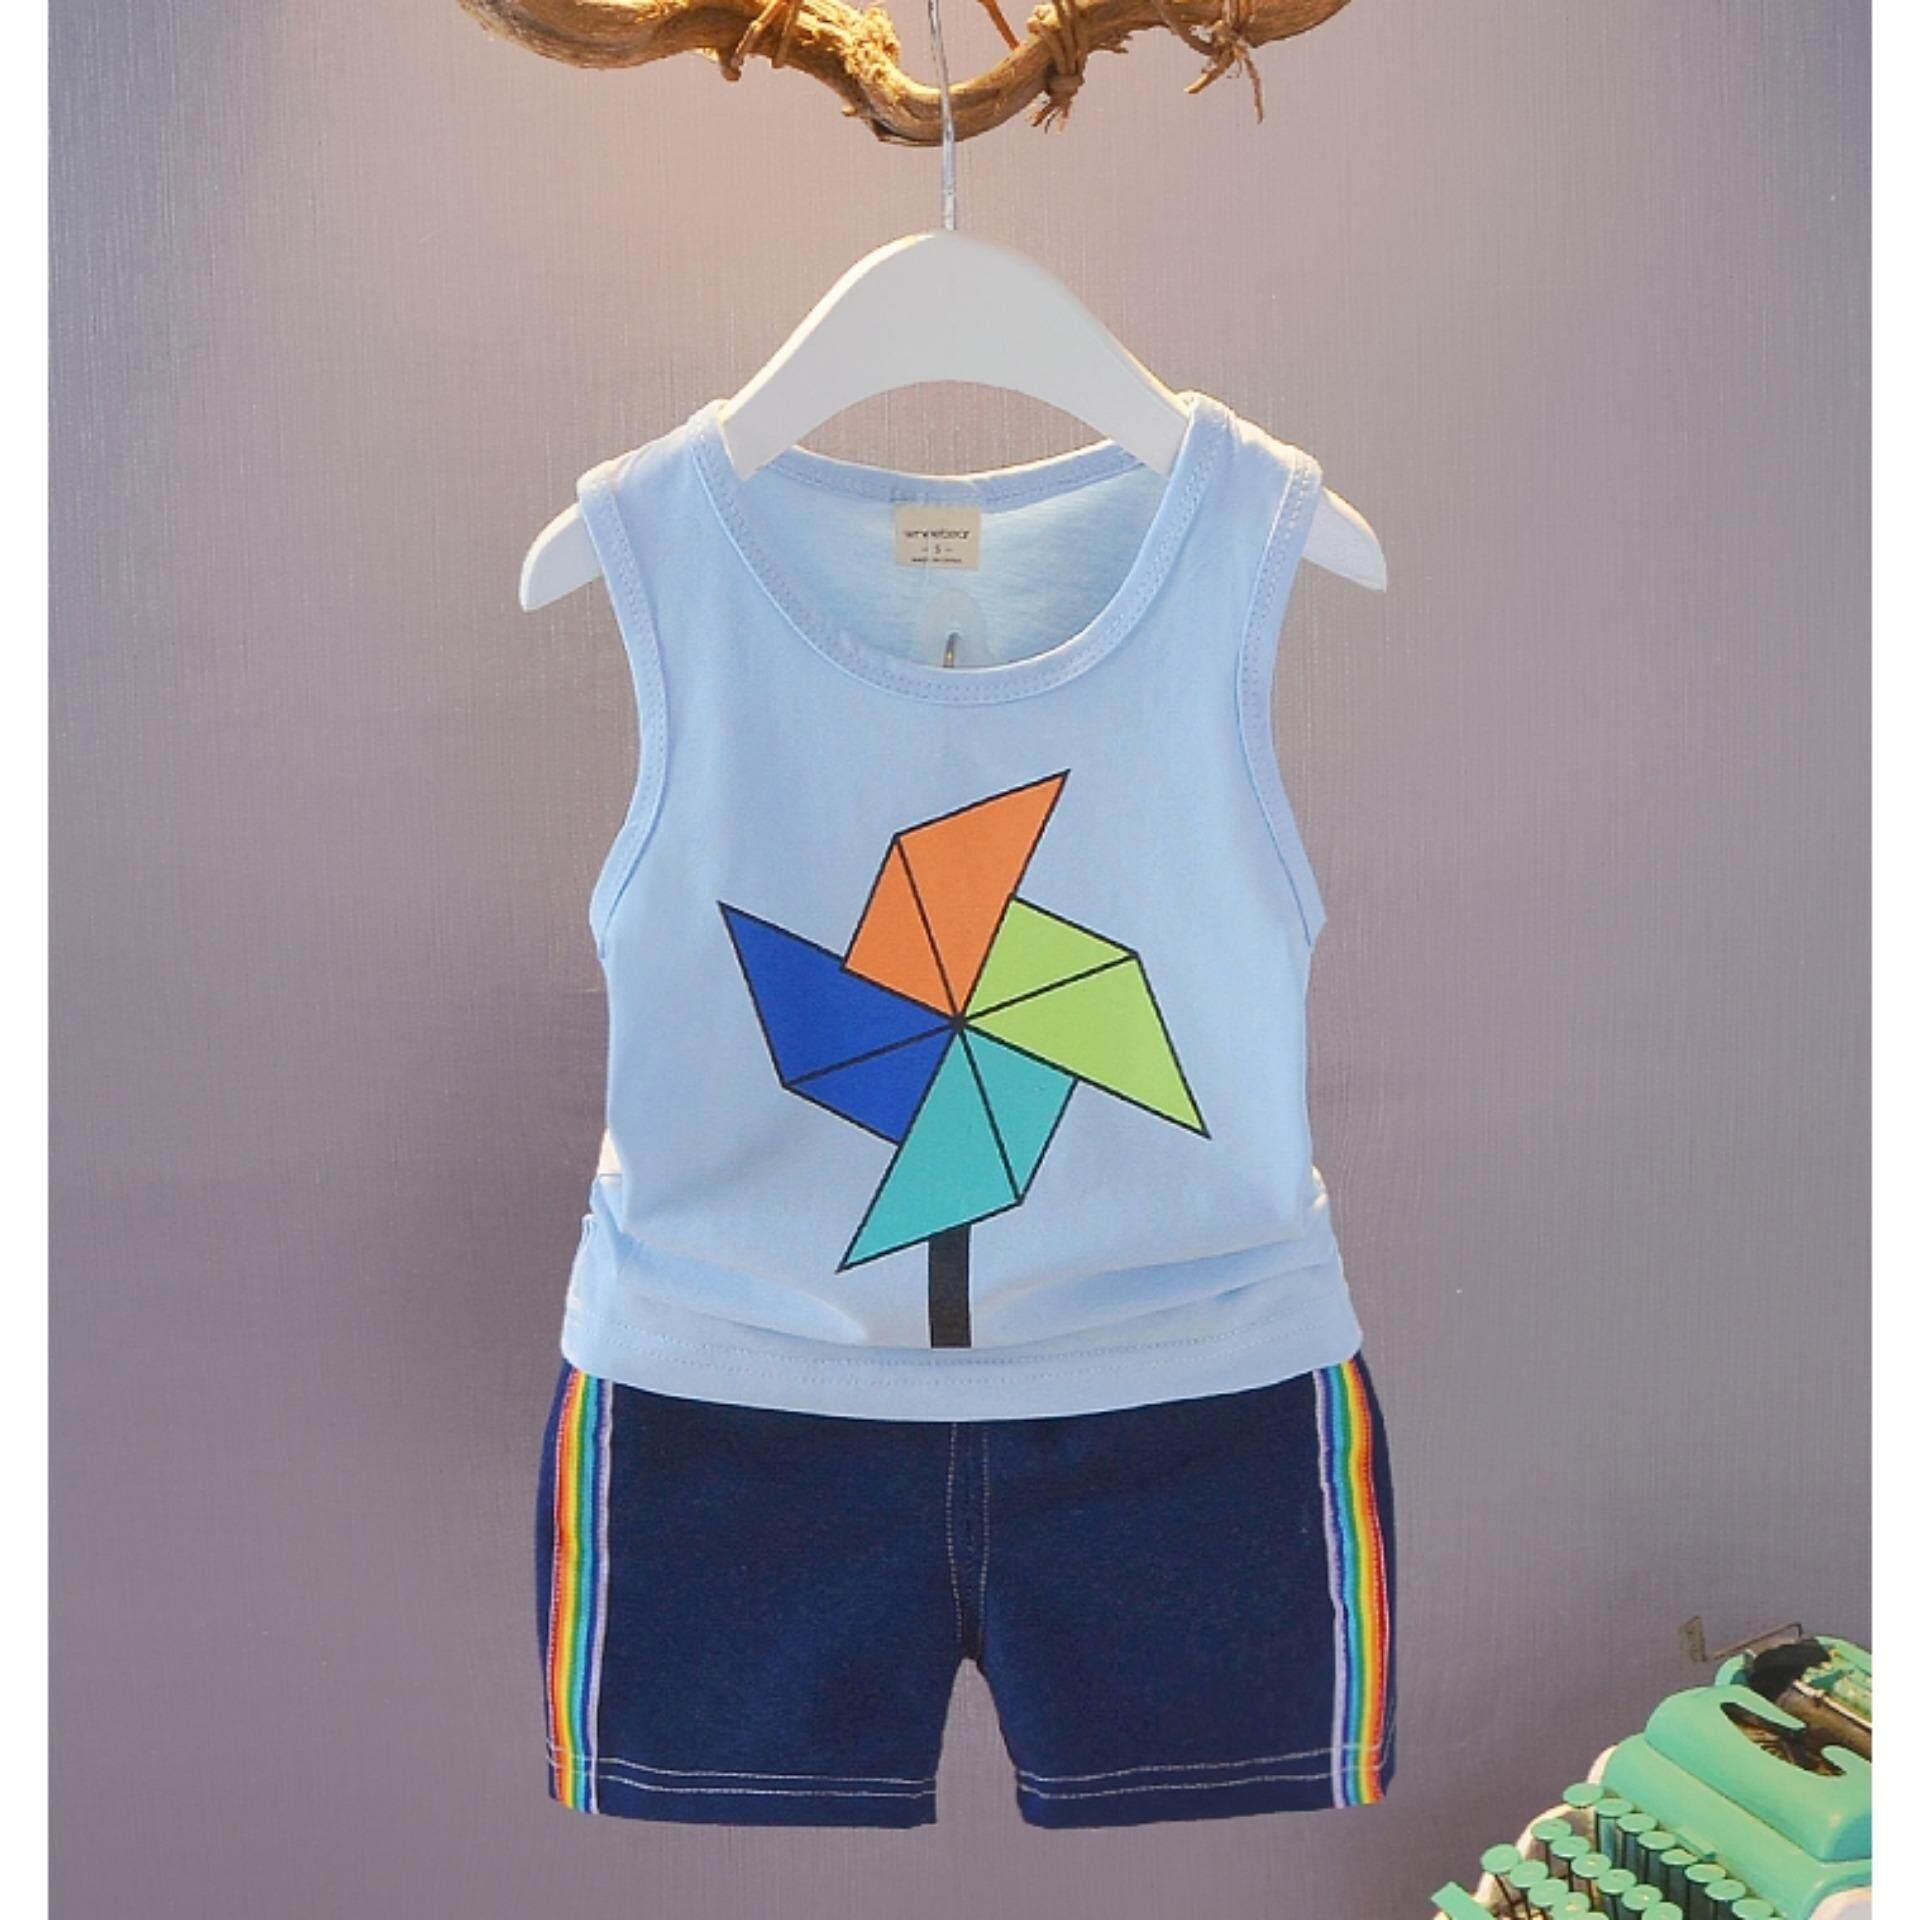 เสื้อกล้าม+กางเกง ลายกังหันสุดน่ารัก Kids Clothes ผ้านุ่มใส่สบาย ไซส์ 70-140 ซม./6 เดือน-10 ปี By Pae Kids Shop.